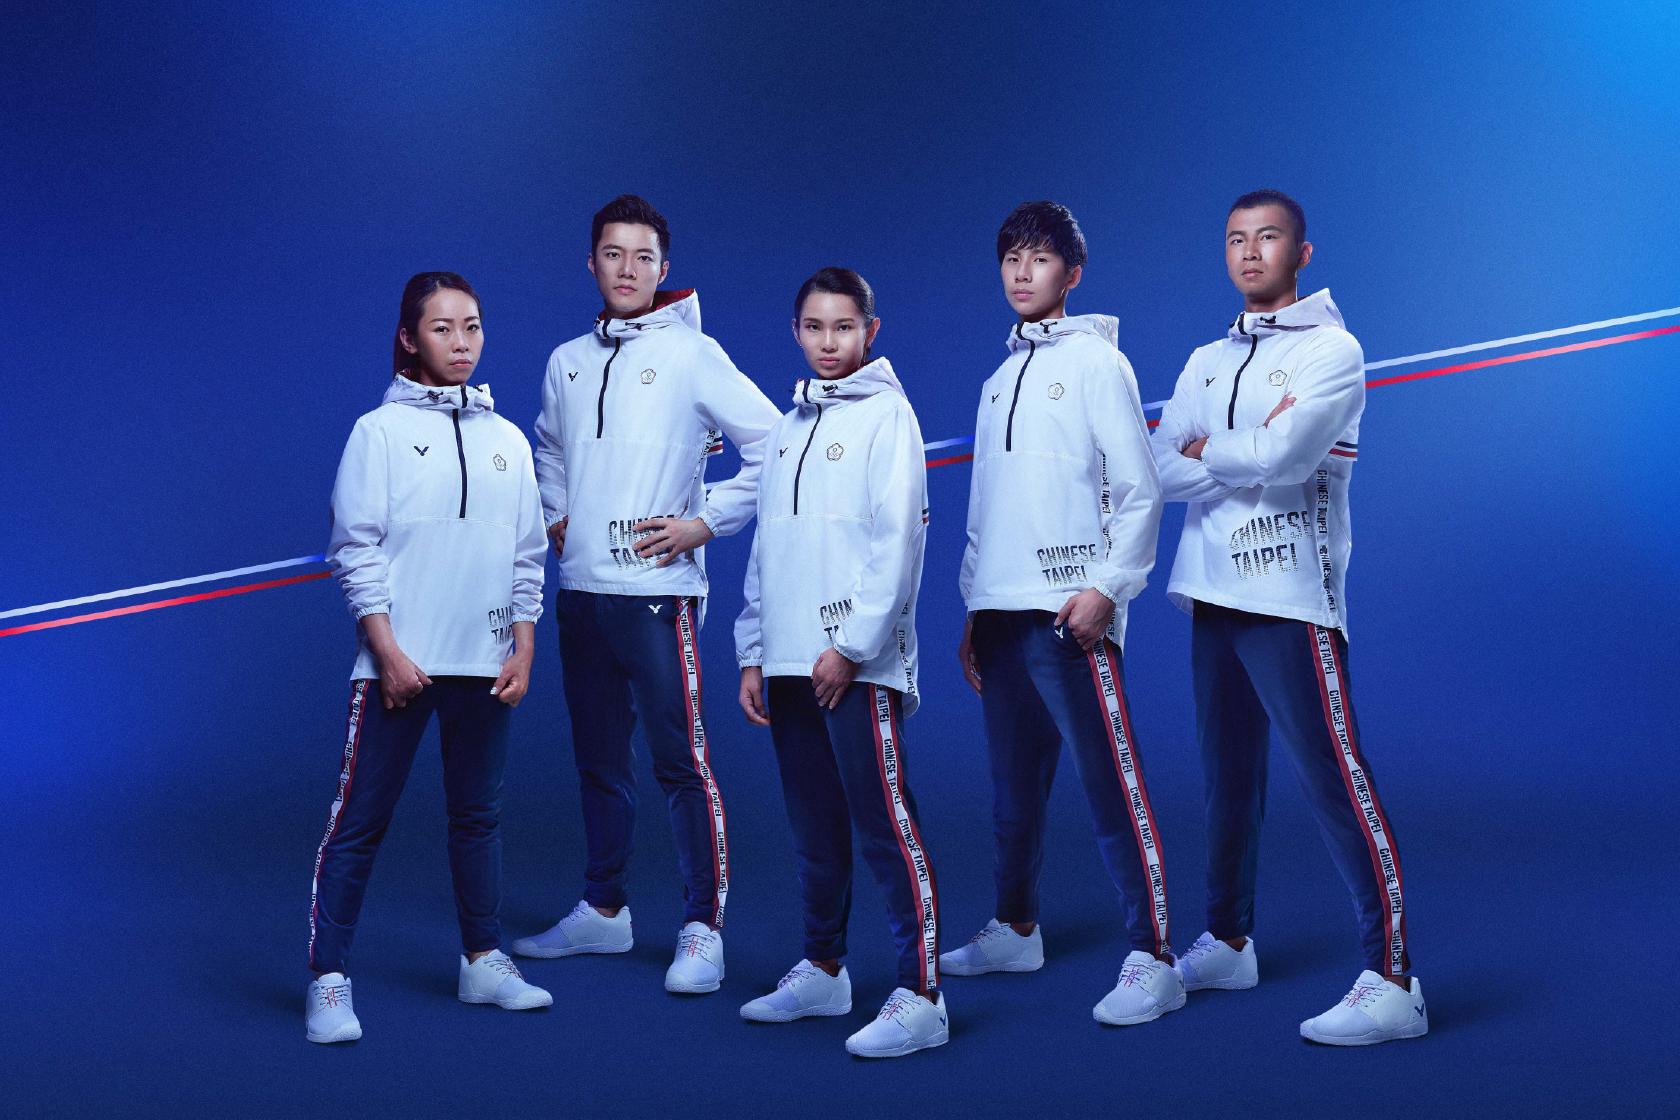 東京熱再現|台灣奧運選手將帶著驕傲為國爭光